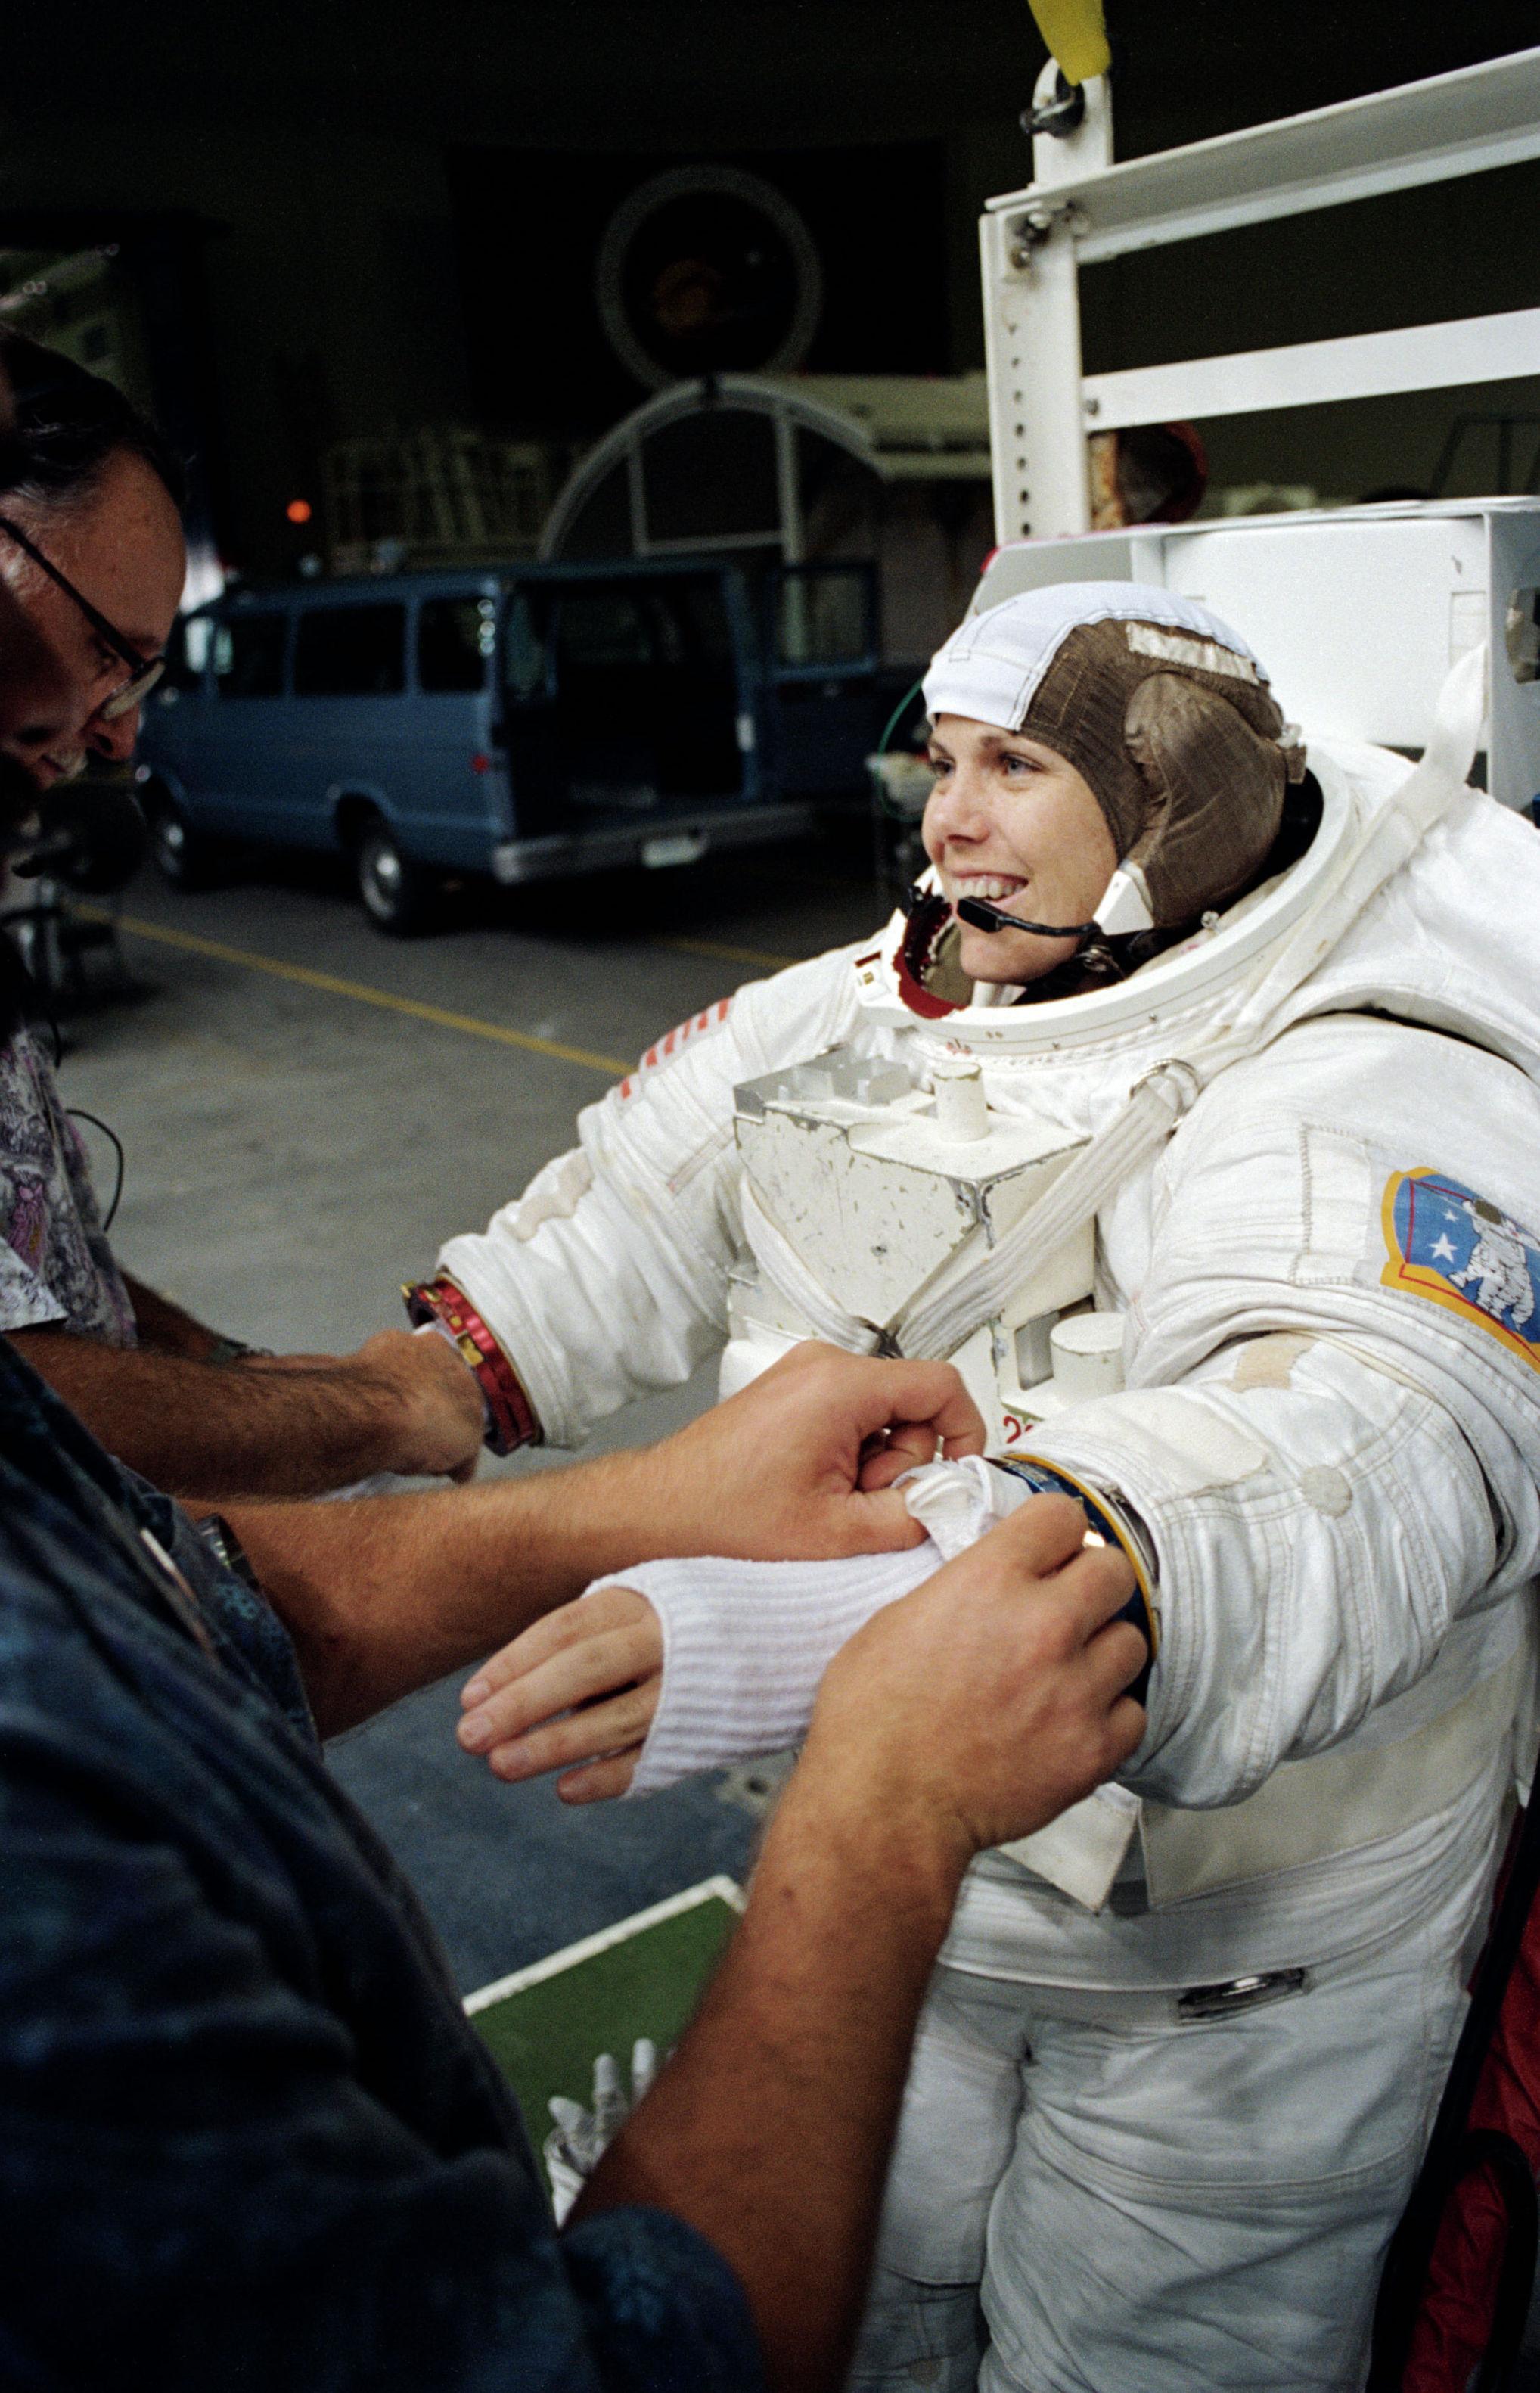 Астронавт Мэри Эллен Вебер во время тренировки